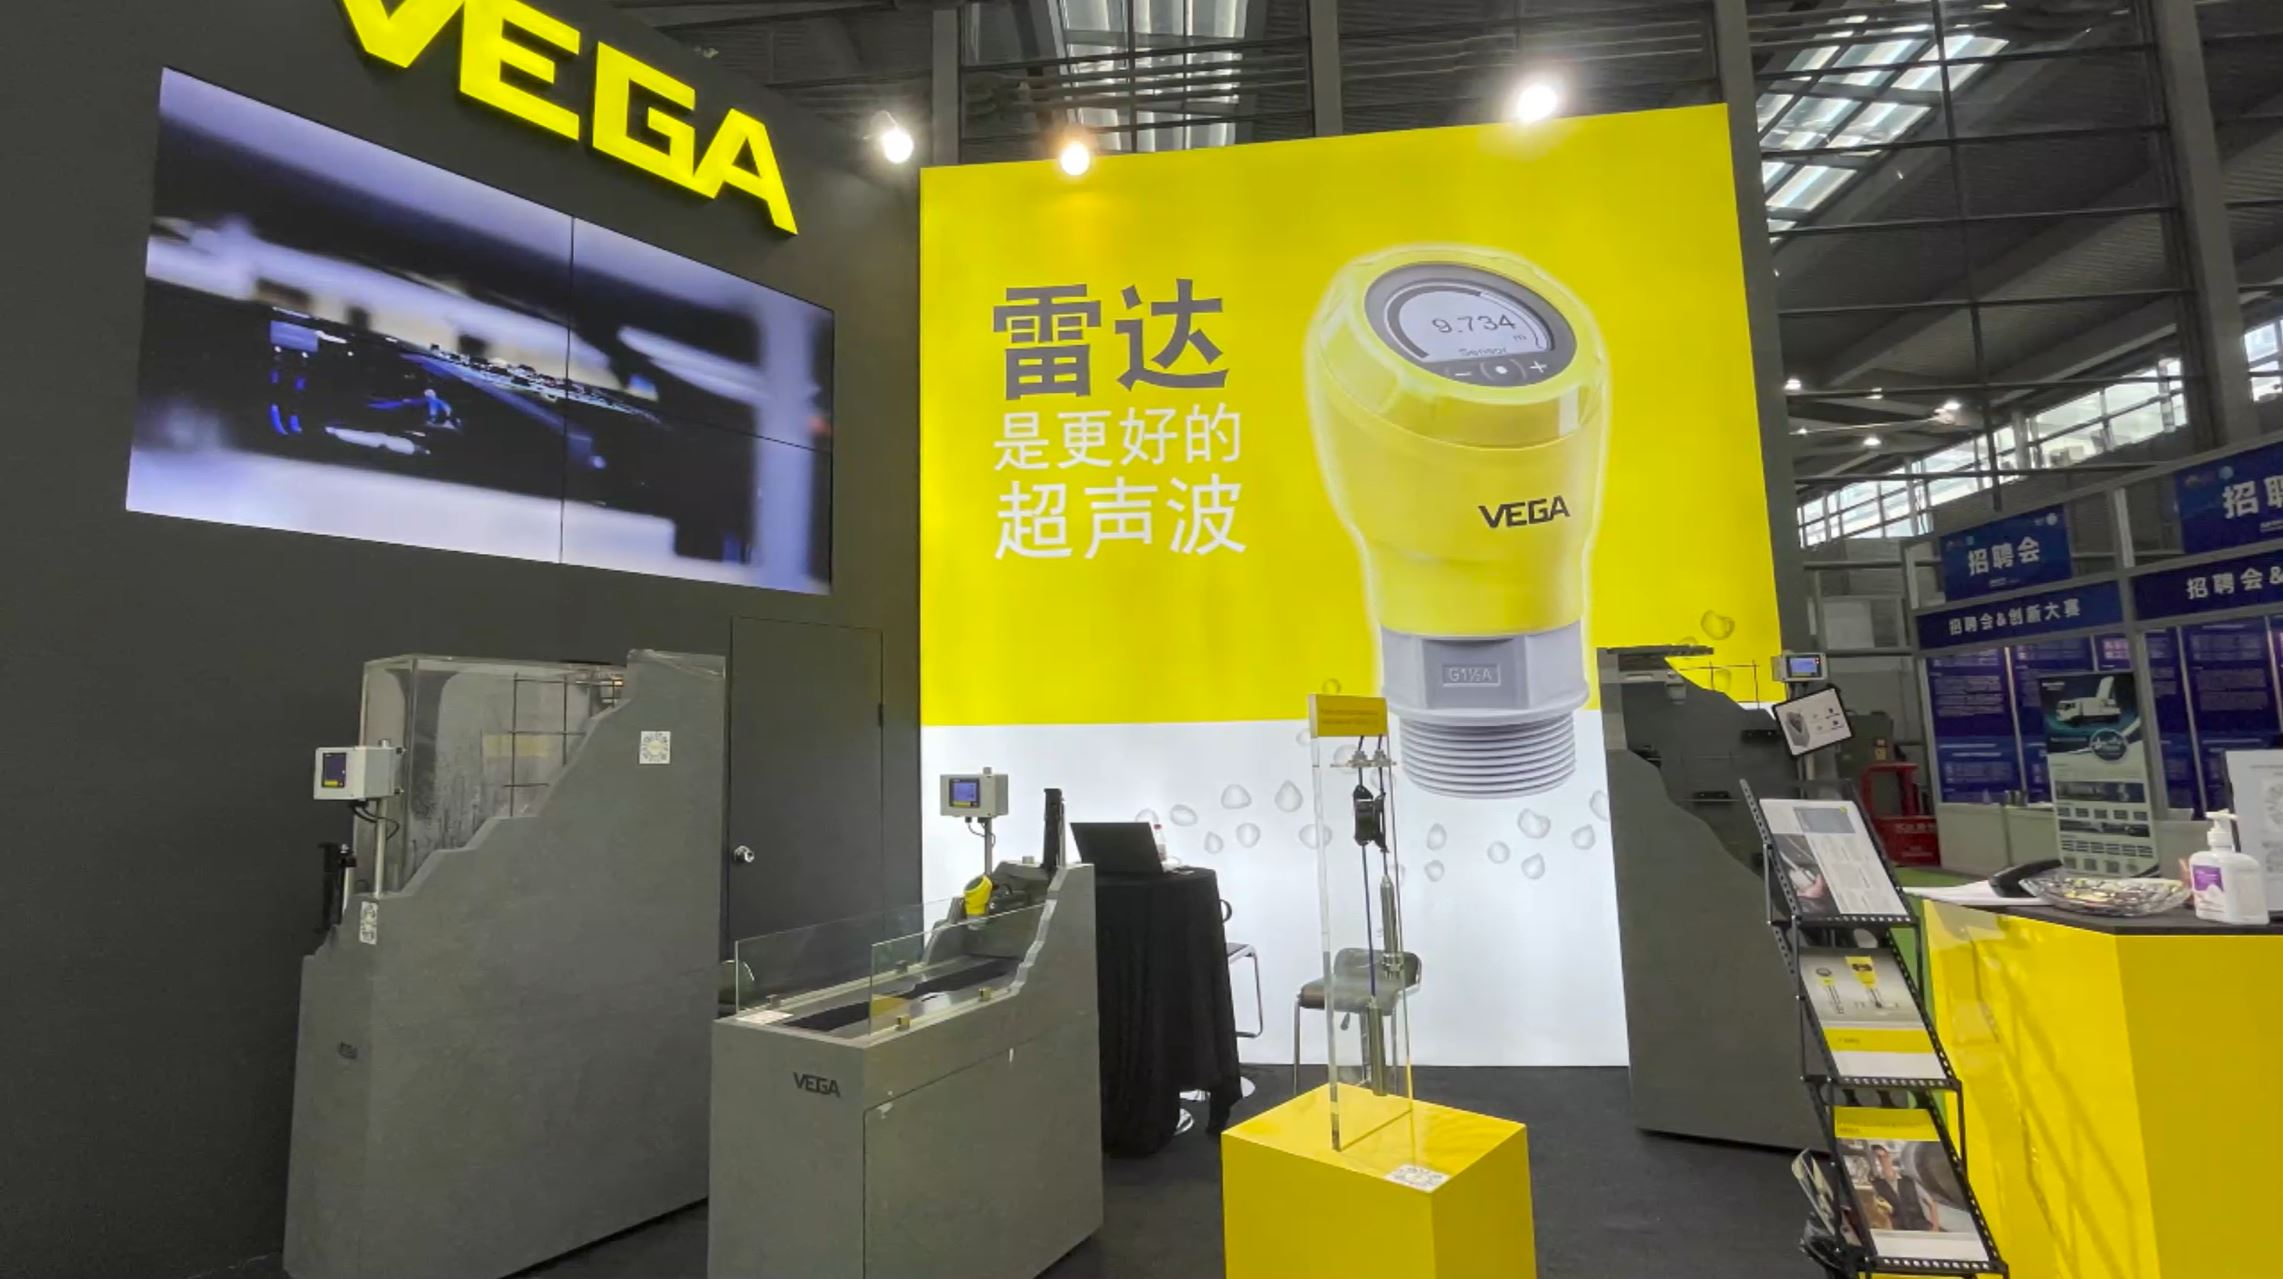 2021深圳水文展   VEGA带来适用于水文水资源领域的80GHz雷达仪表